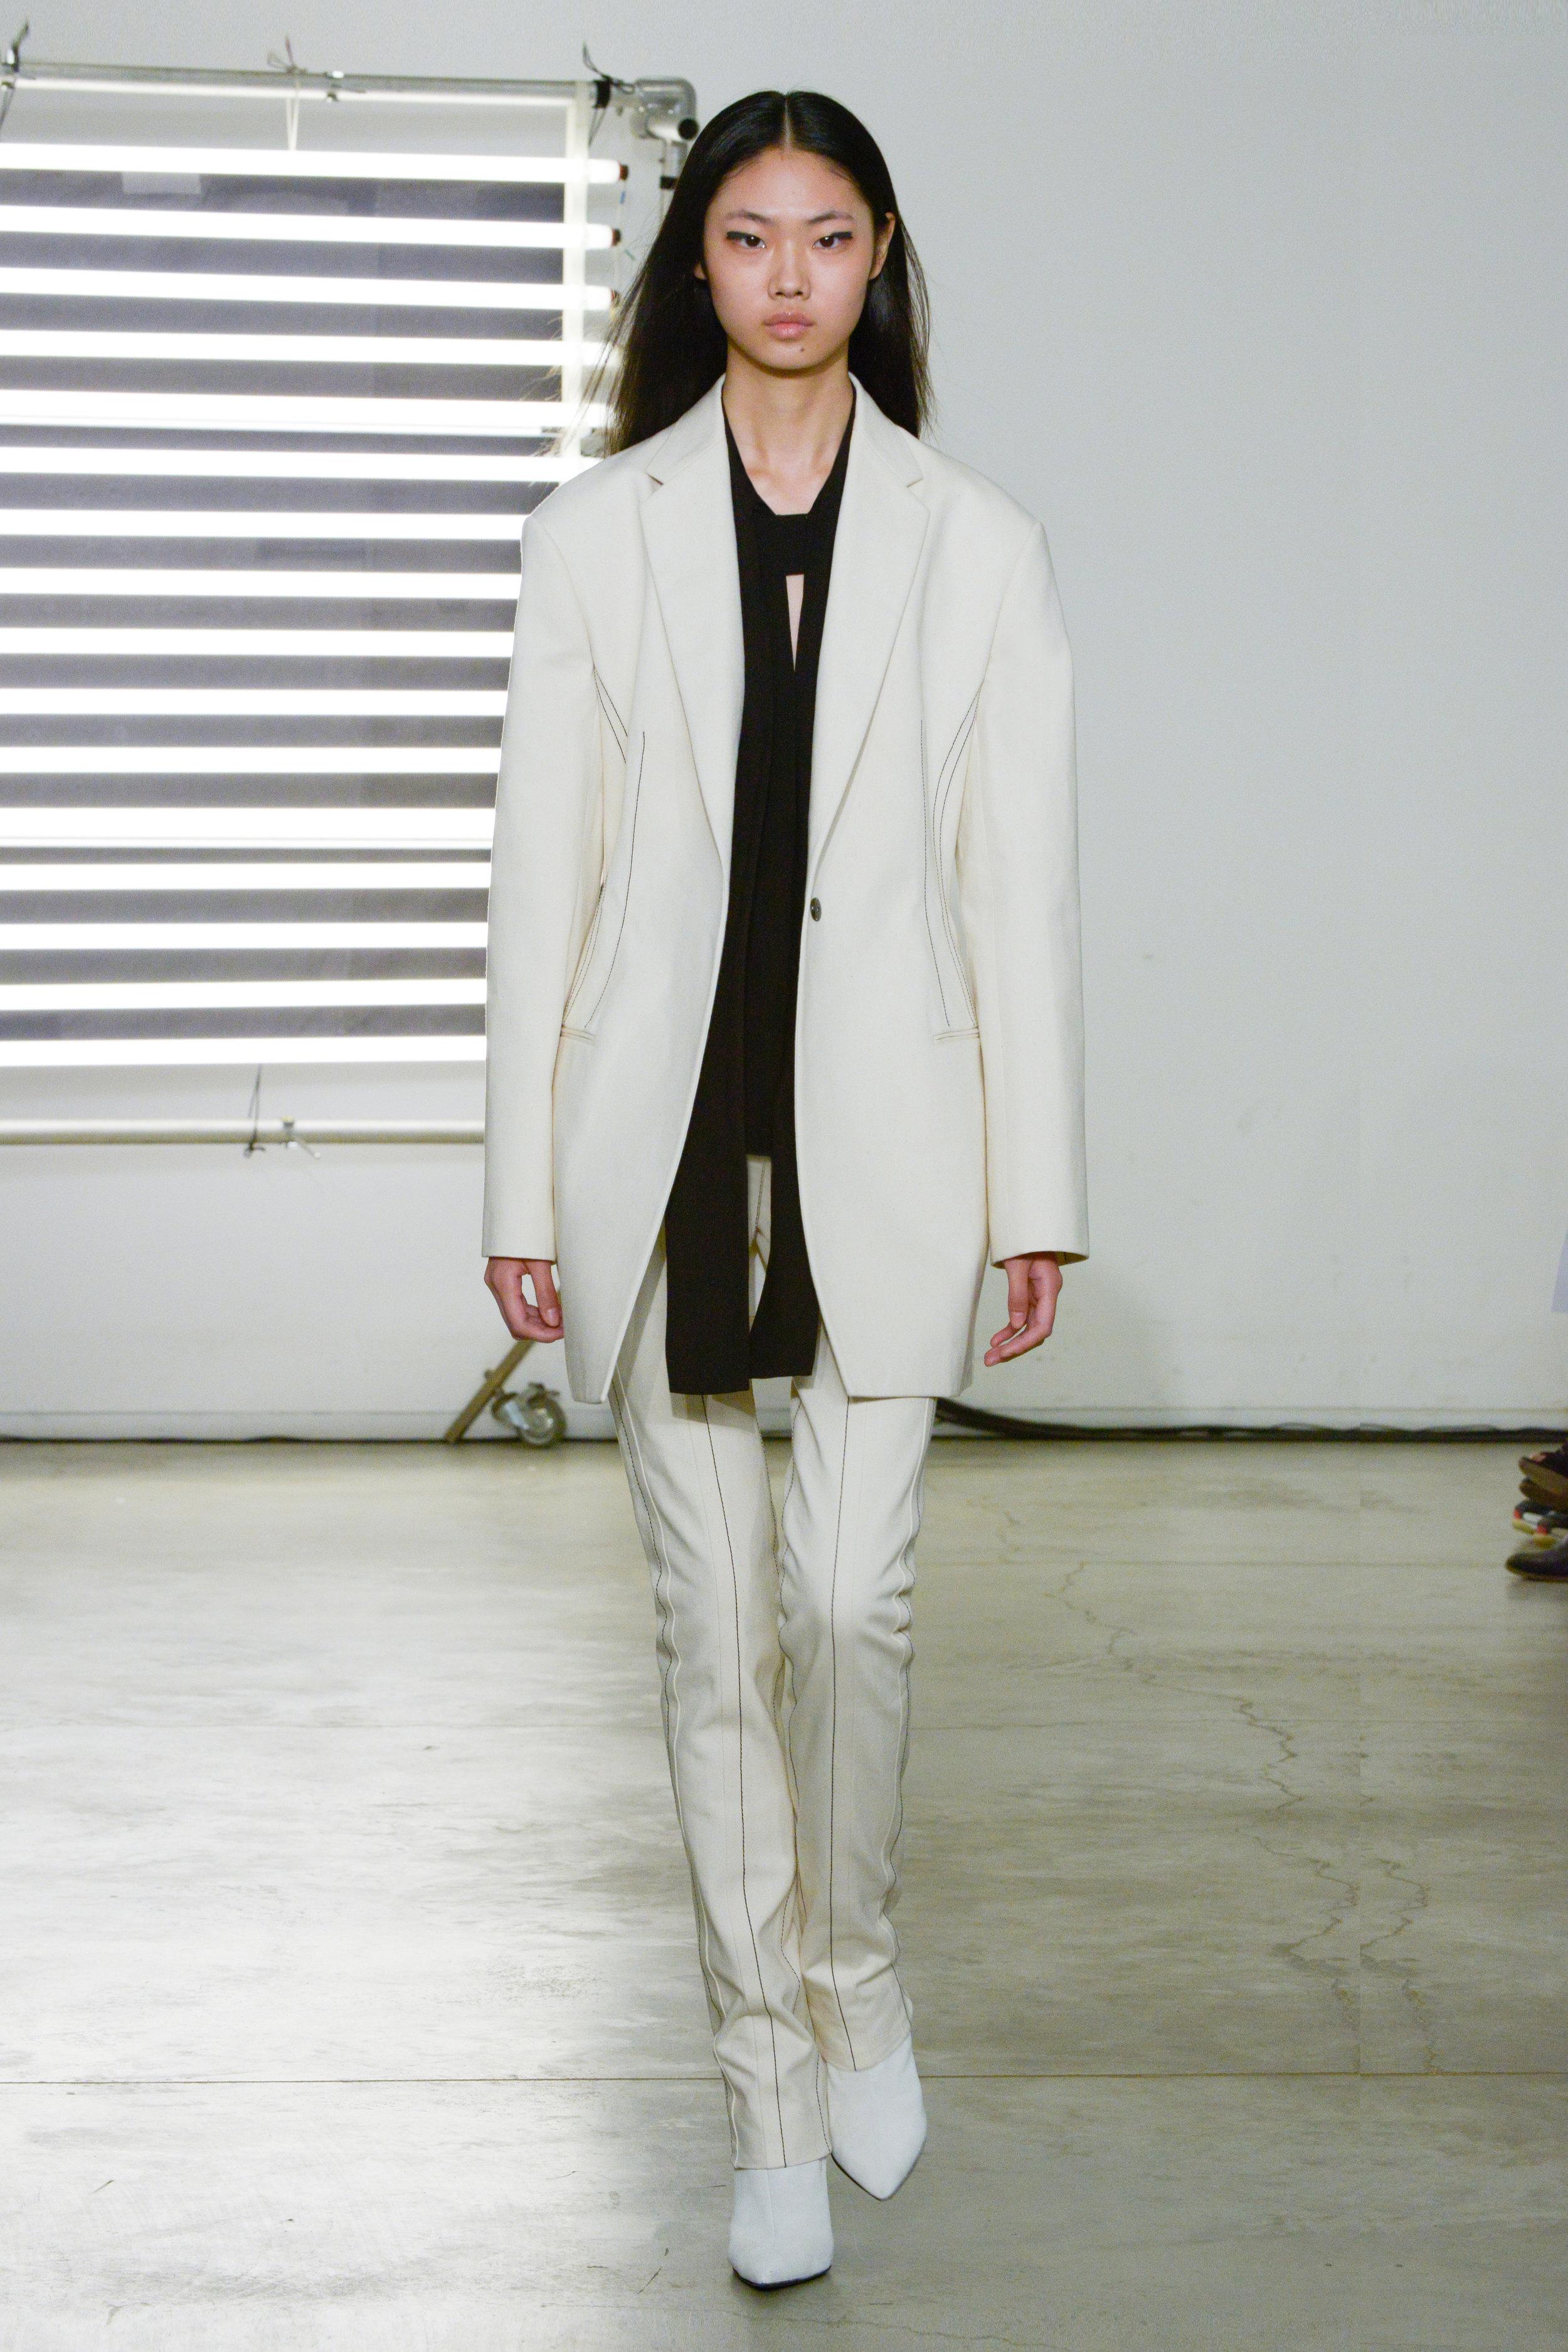 Look 3 Natural denim jacket over black crepe top with natural denim pant.